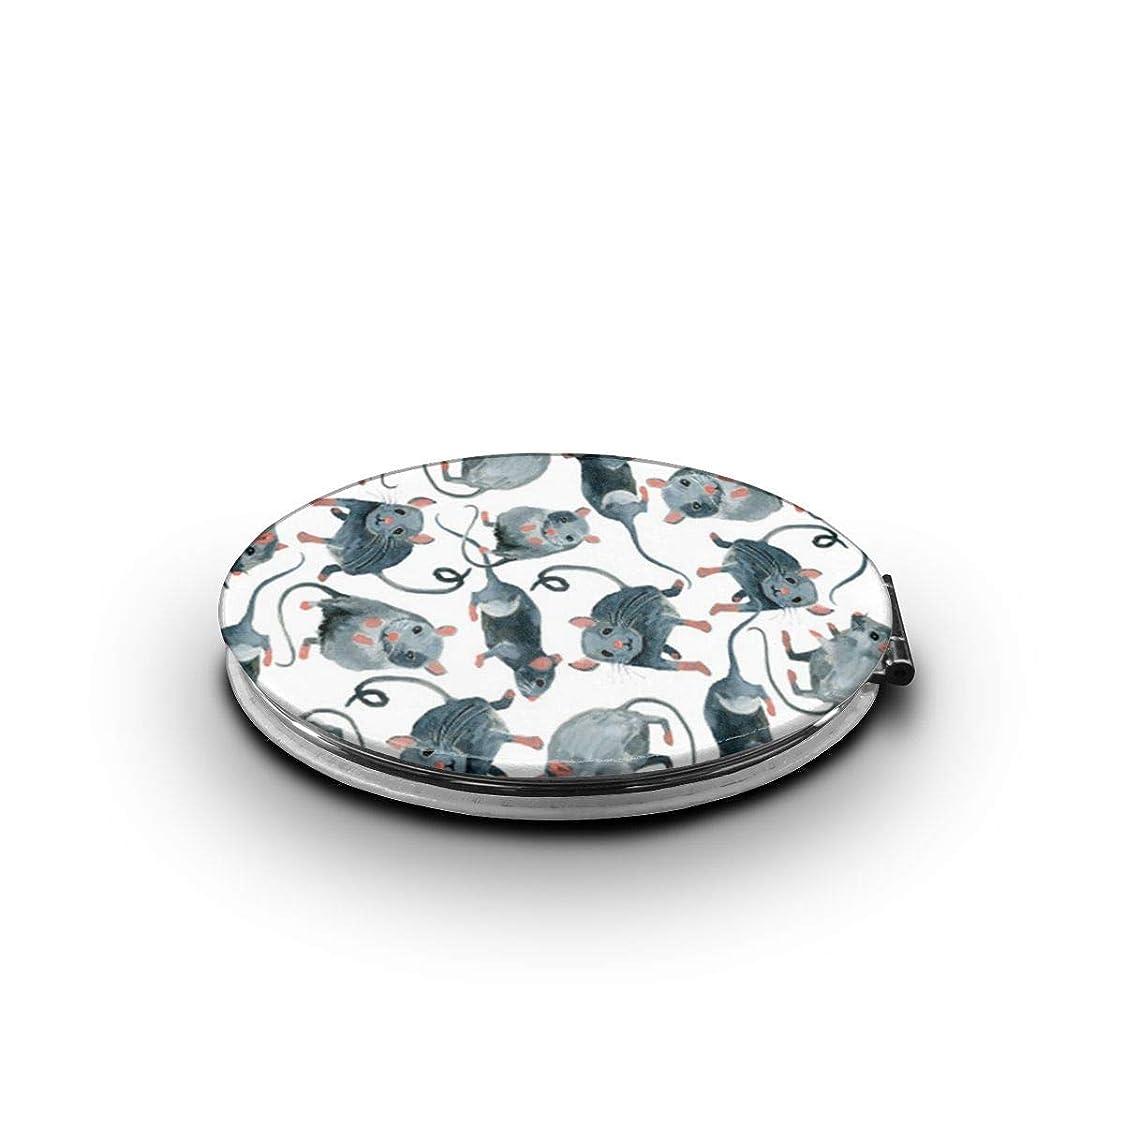 サラダ迷信図携帯ミラー ネズミミニ化粧鏡 化粧鏡 3倍拡大鏡+等倍鏡 両面化粧鏡 楕円形 携帯型 折り畳み式 コンパクト鏡 外出に 持ち運び便利 超軽量 おしゃれ 9.0X6.6CM